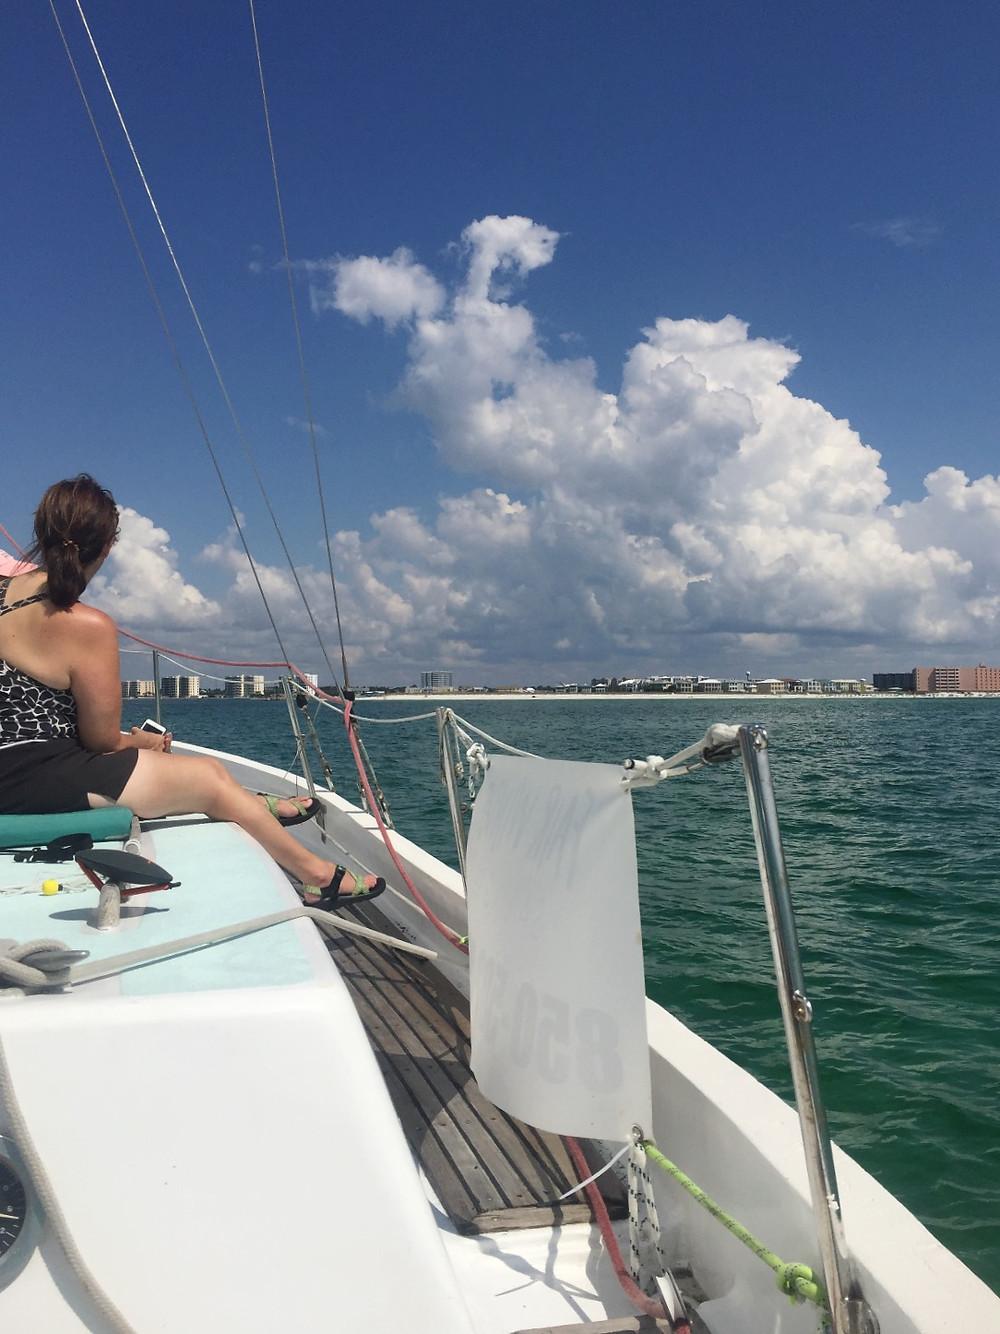 fall break, Destin florida, sailing, sailboat, private sailing cruise, fair winds sailing co, gulf of mexico, emerald coast